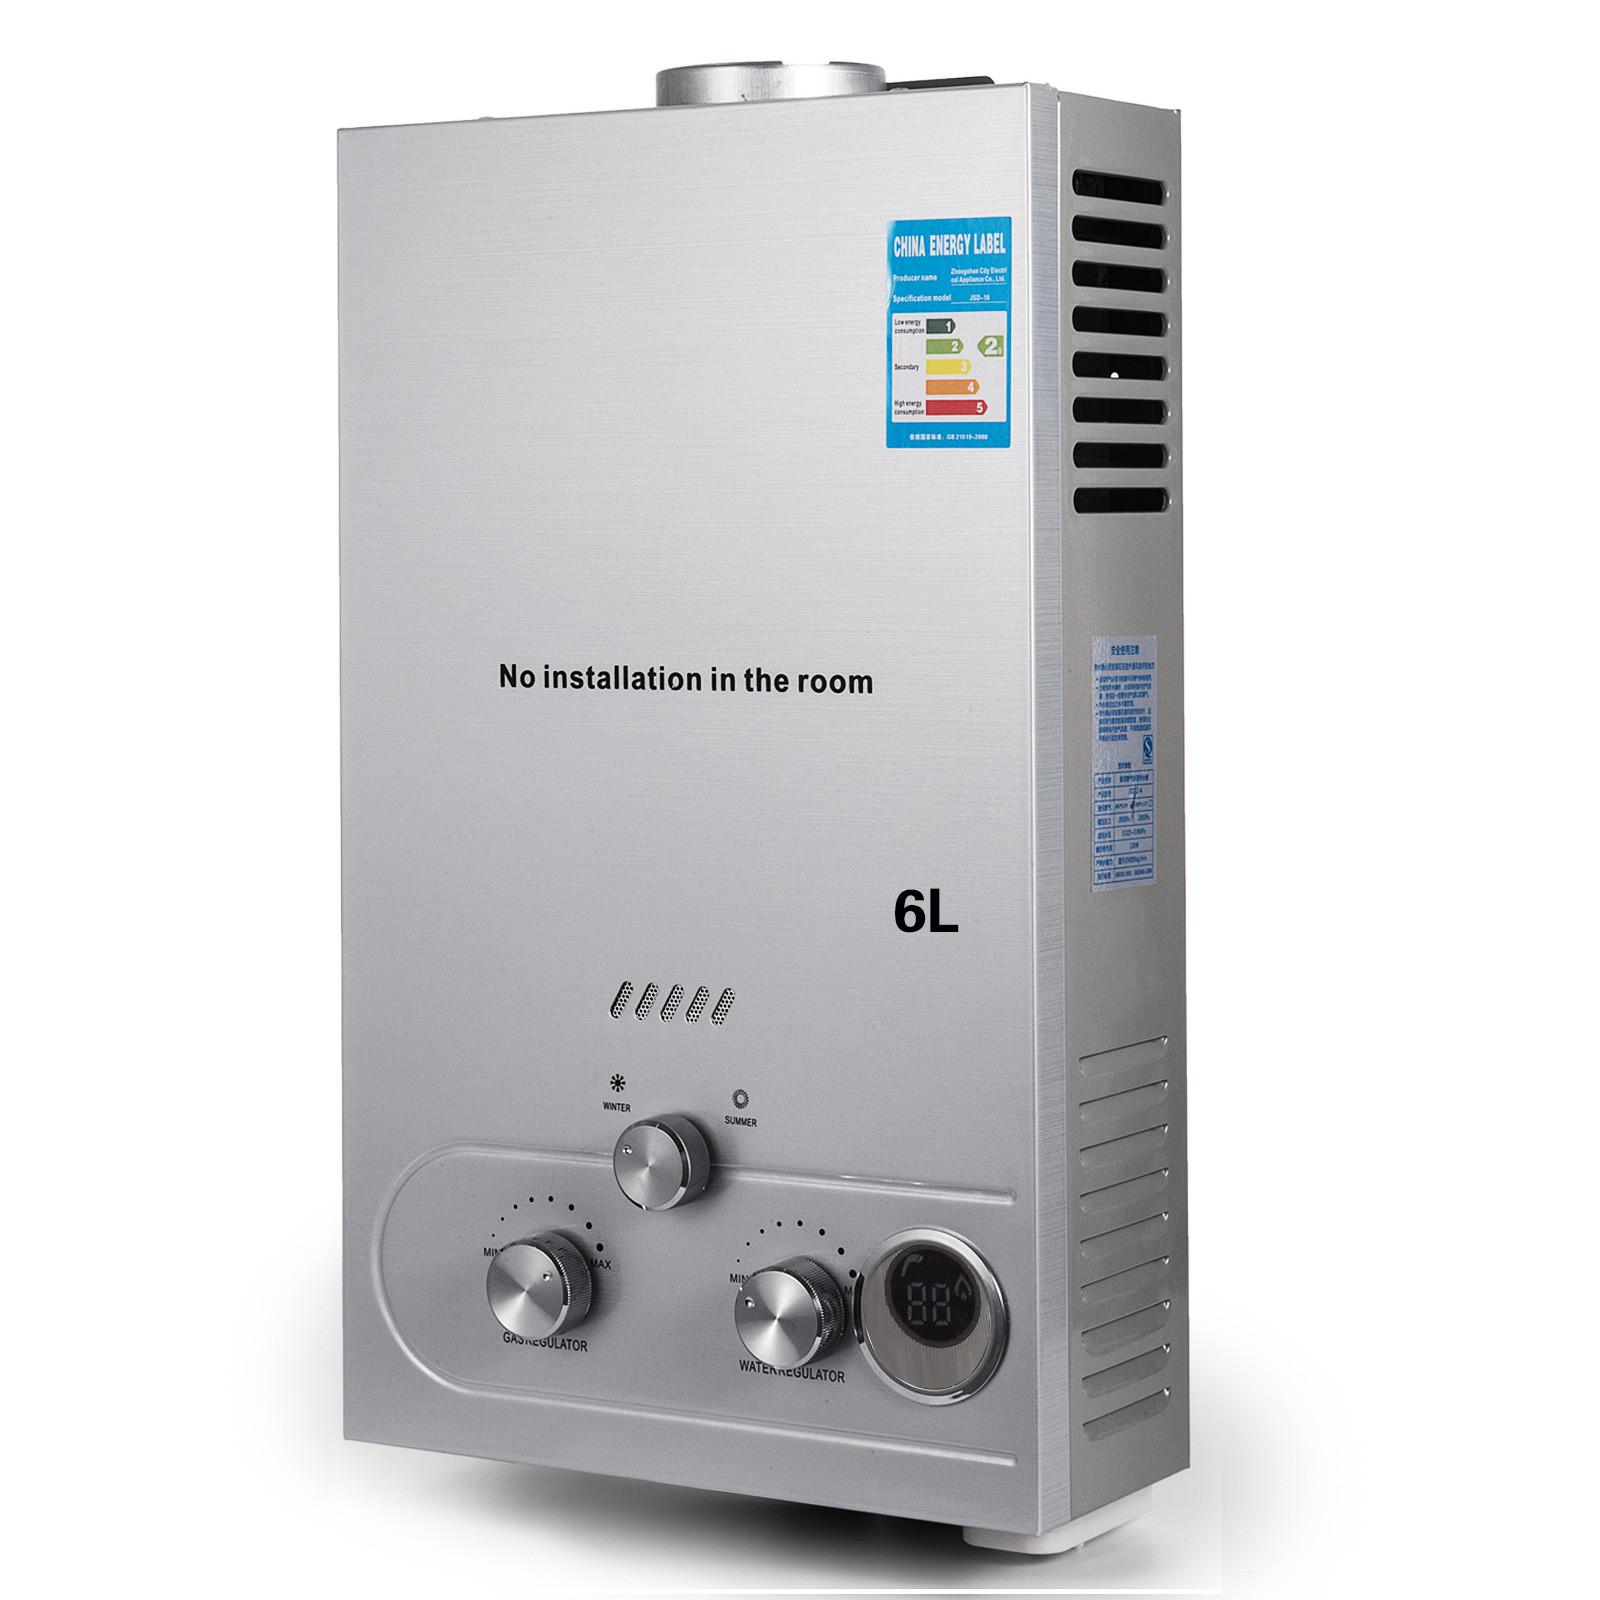 Propangas-Gas-Durchlauferhitzer-Warmwasserbereiter-Boiler-Warmwasserspeicher Indexbild 27